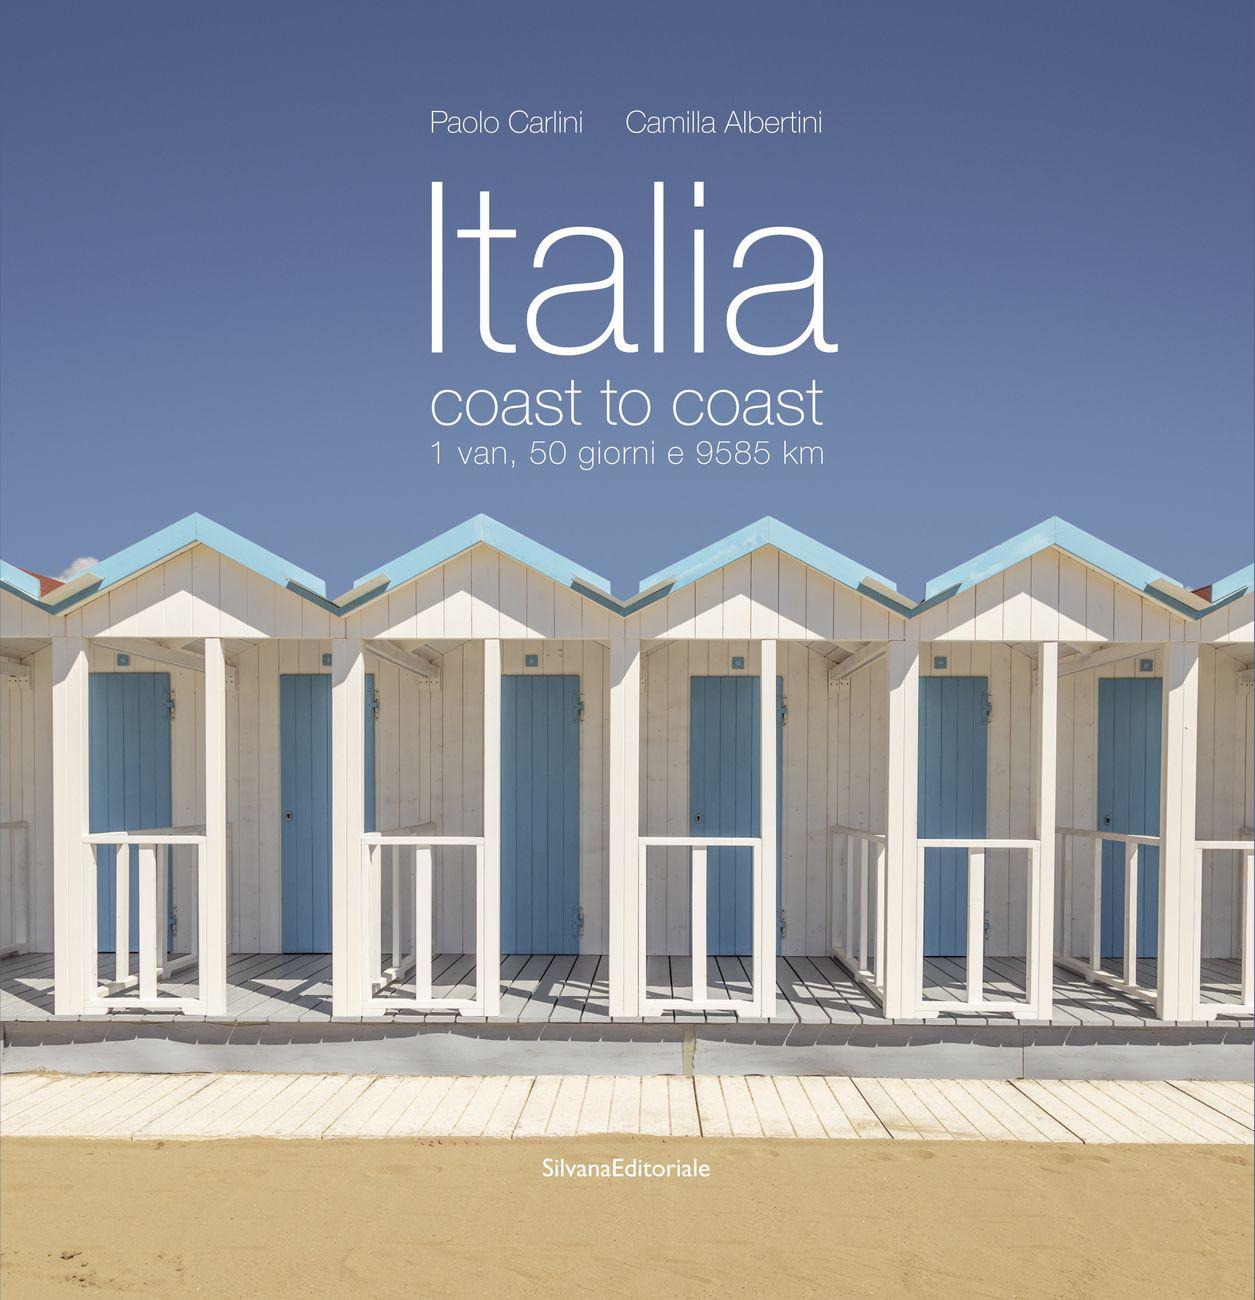 Camilla Albertini & Paolo Carlini – Italia coast to coast (Silvana Editoriale, Cinisello Balsamo 2021)